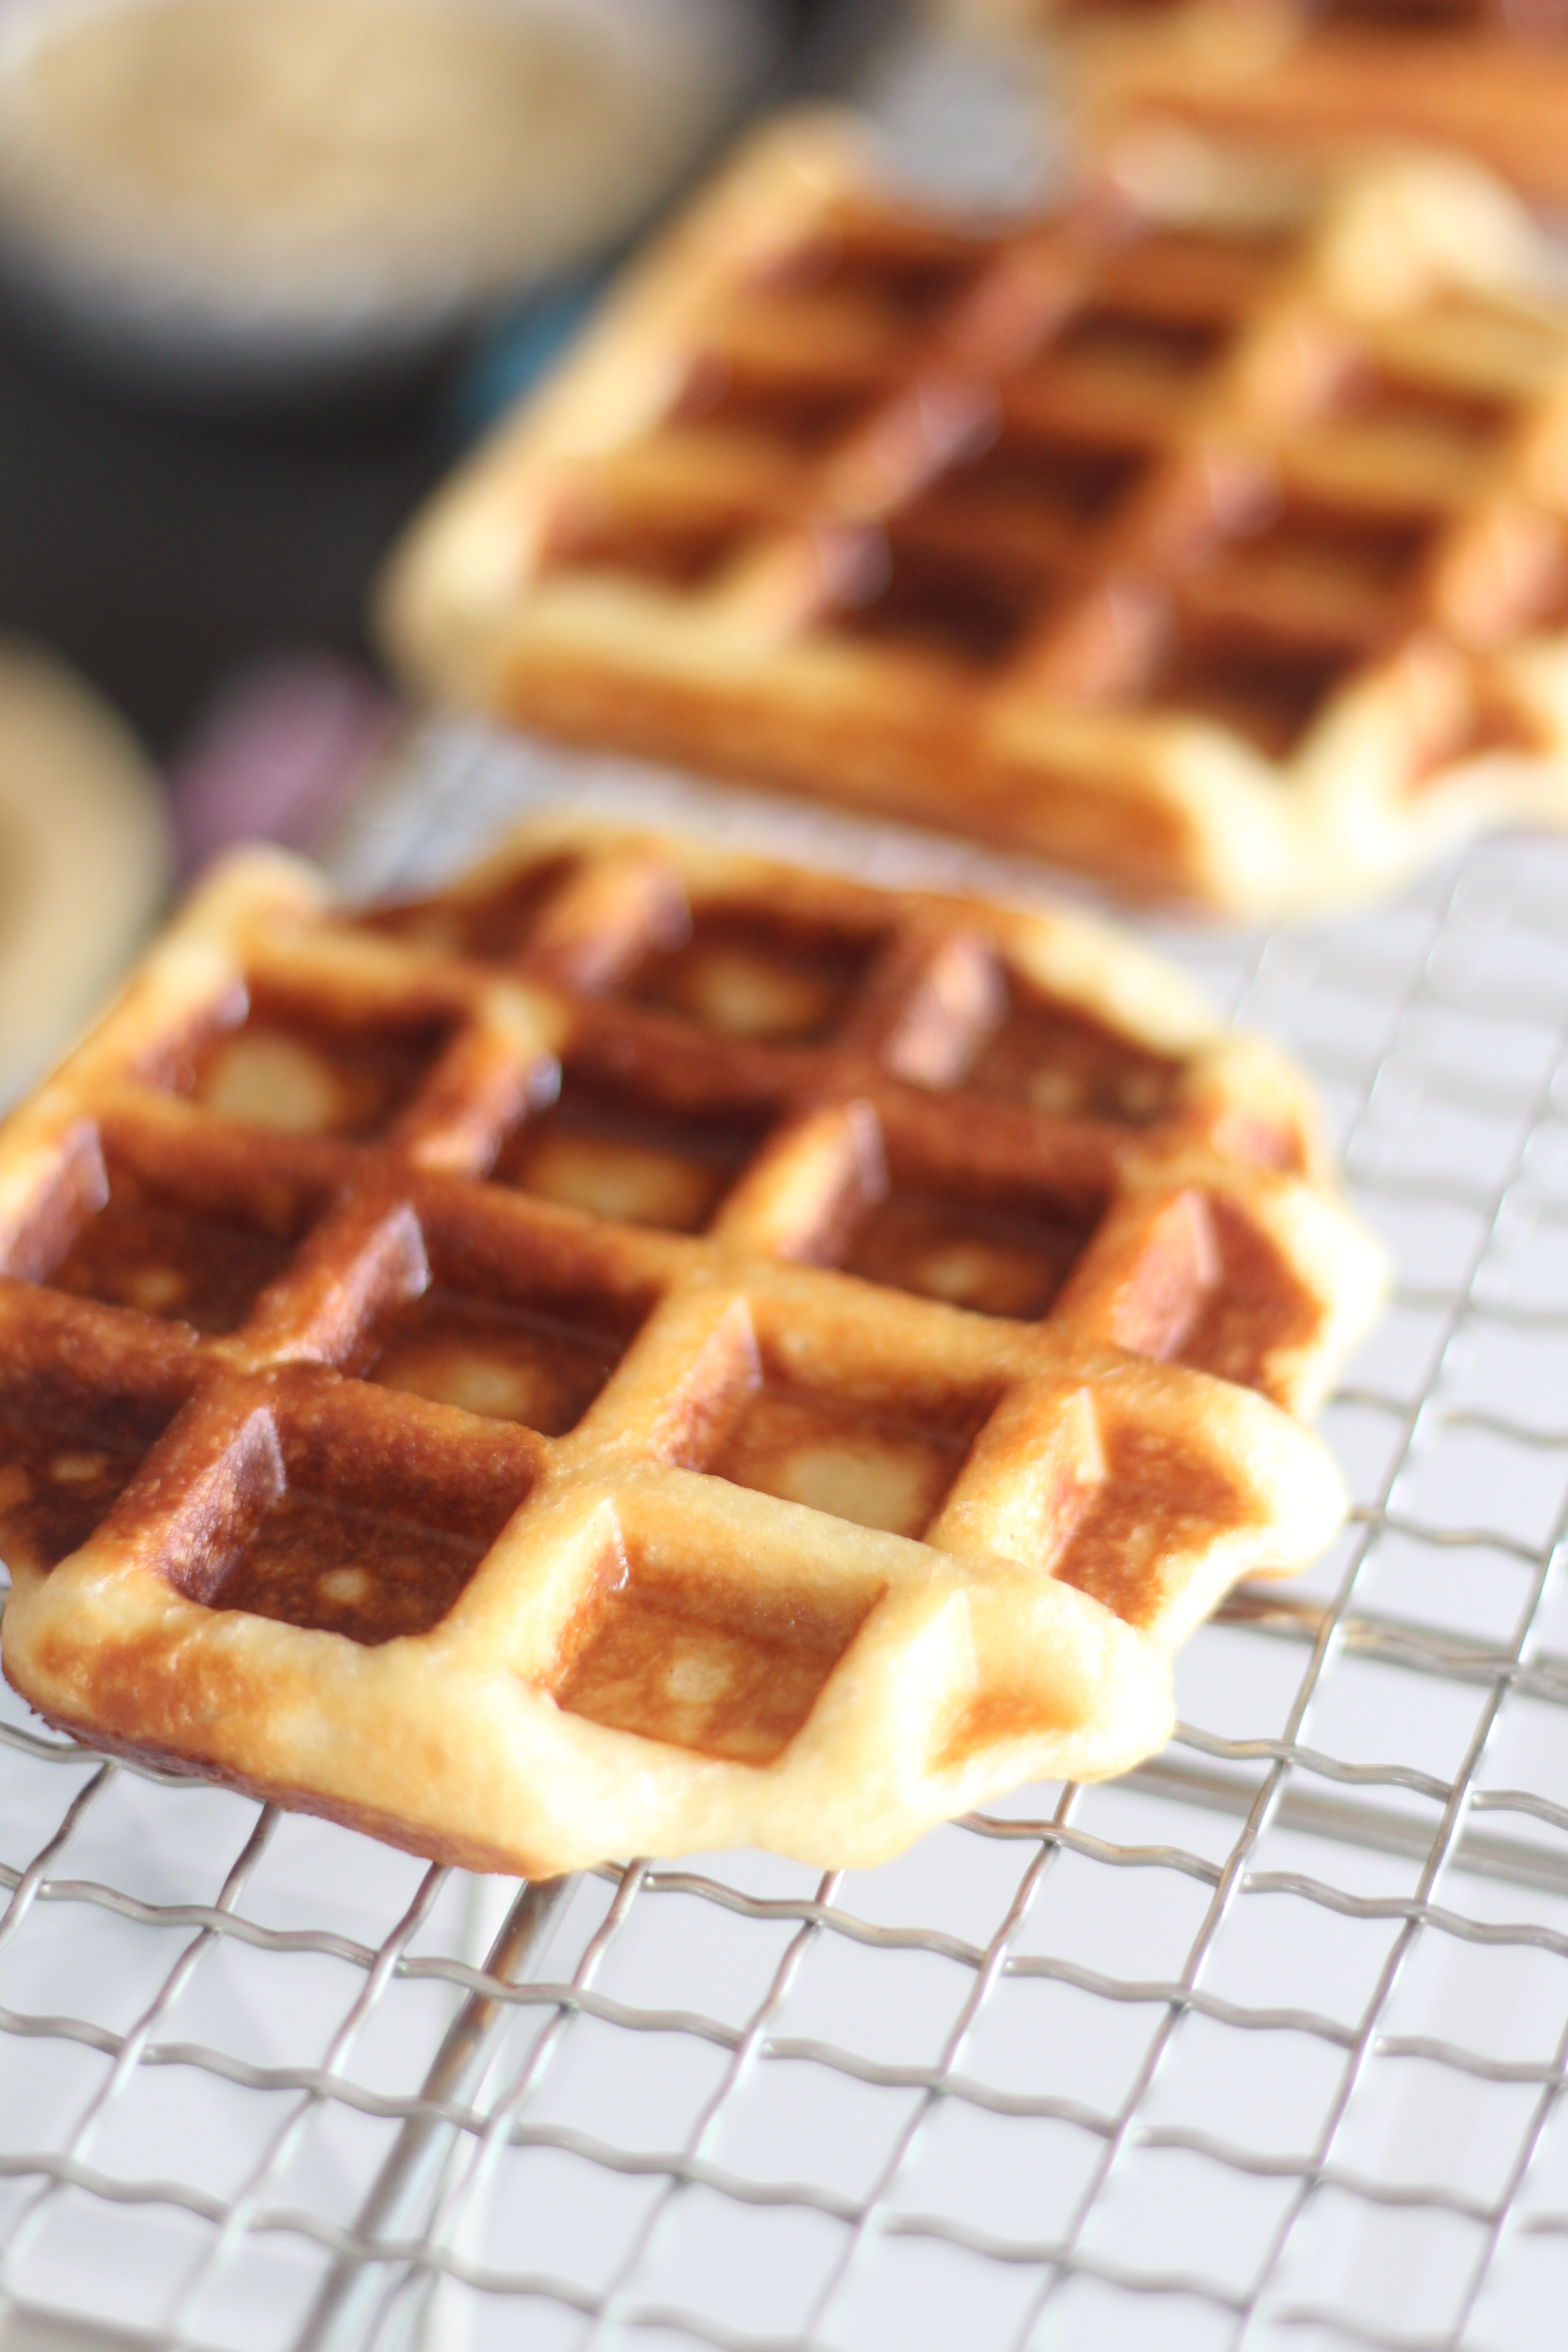 京都江部粉糖質制限パン・アドバンスコース1回目『ブリオッシュ』a-ta-sante糖質制限パン料理教室、阿倍野区西田辺。